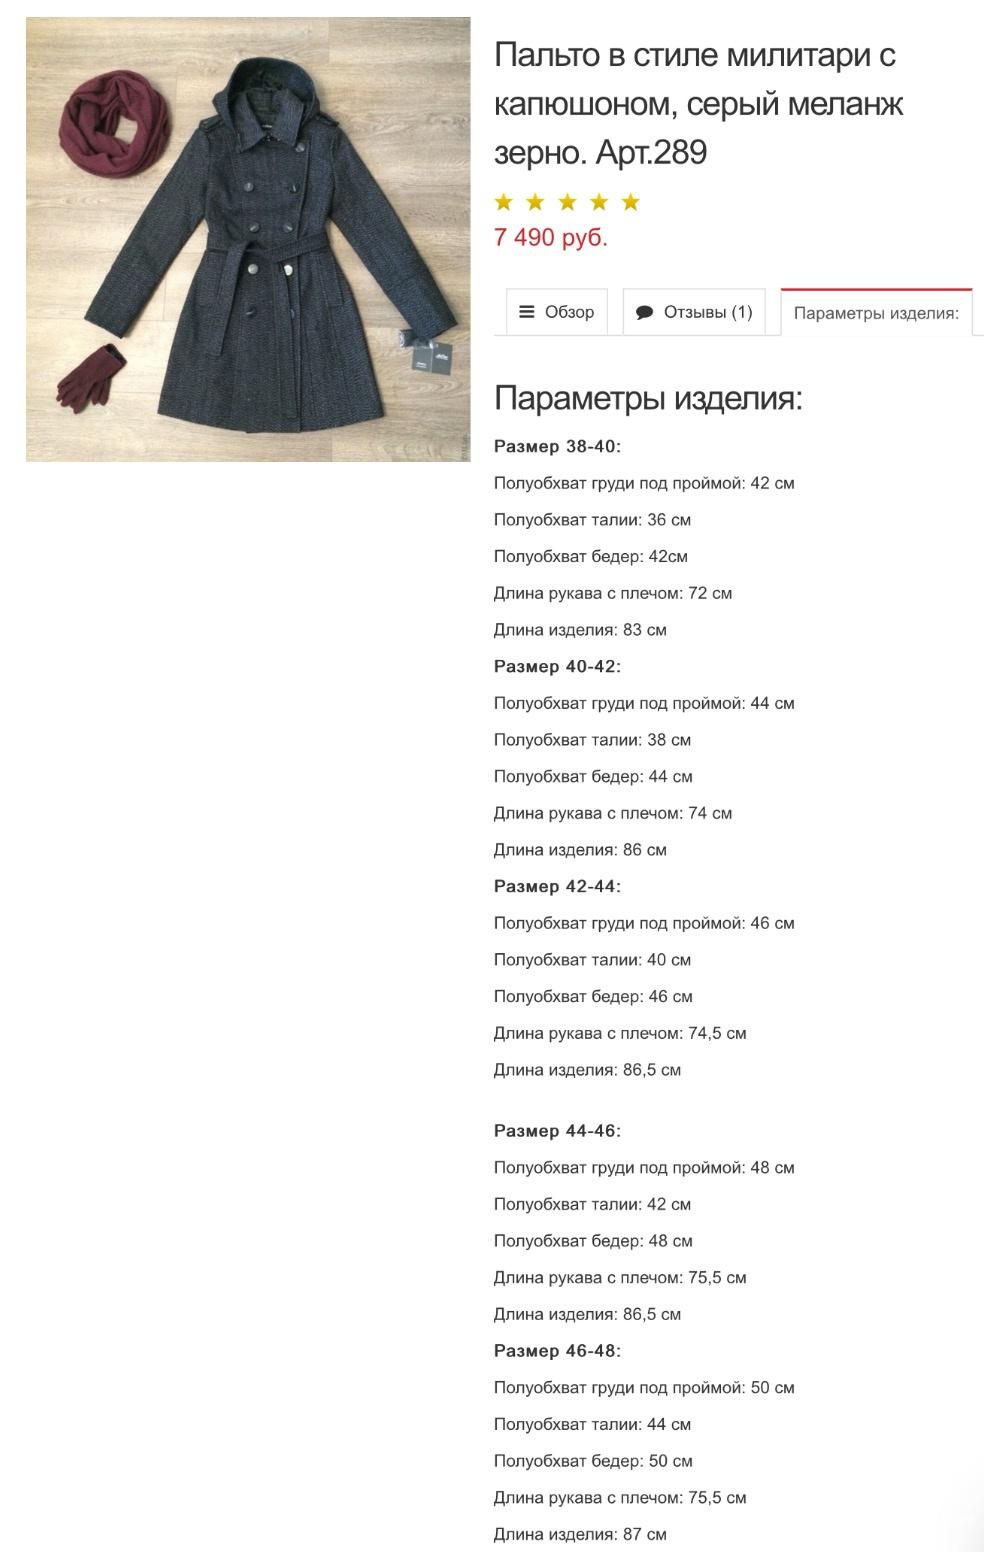 Пальто зимнее Miltex, цвет серый ёлочка,  размер 42-44